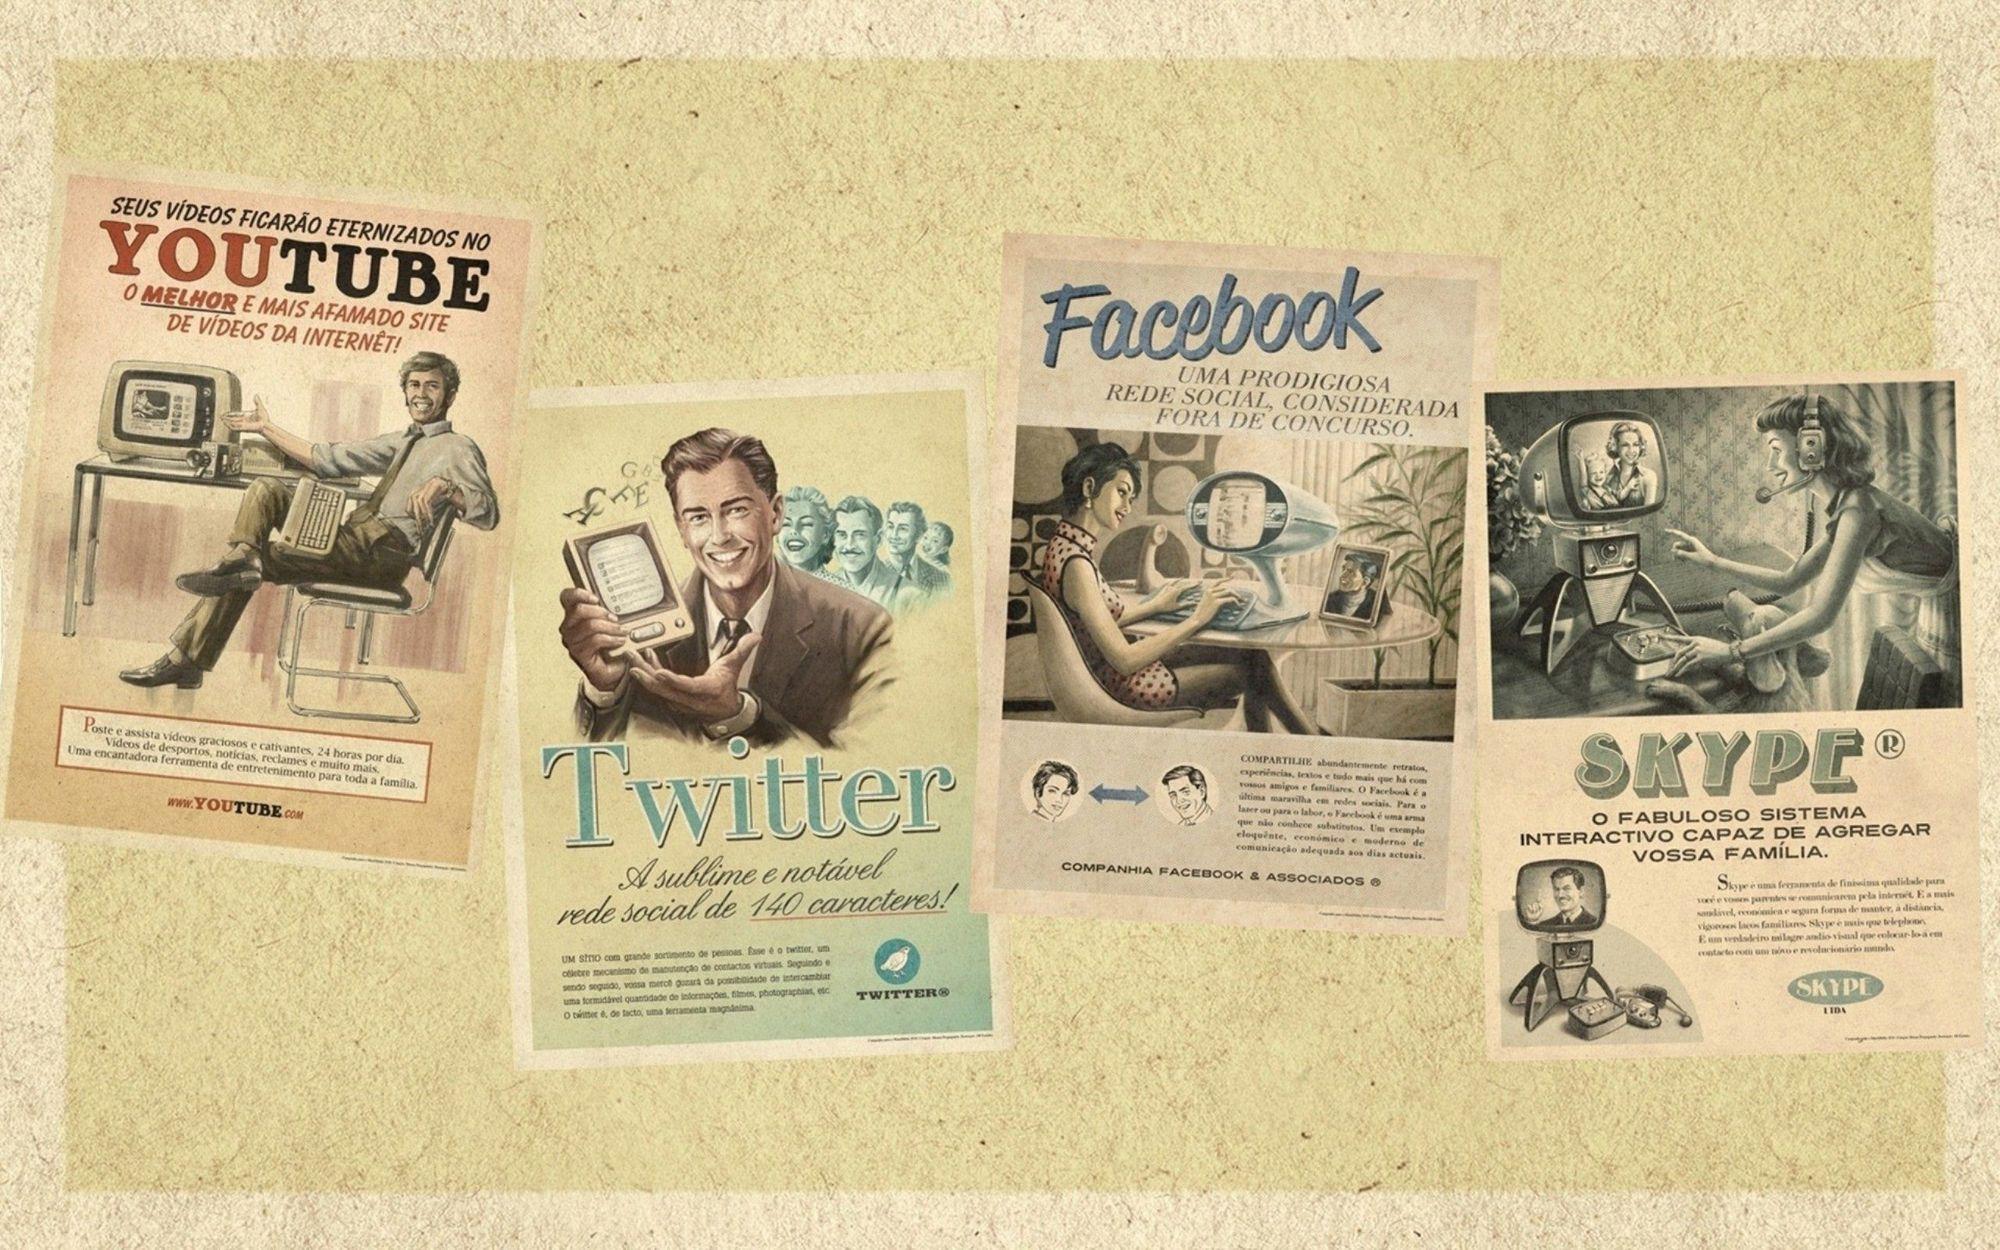 Olika sociala medier illustrerade med affischer som har utseende från 1950-talets reklam. YouTube, TWitter, Facebook och Skype